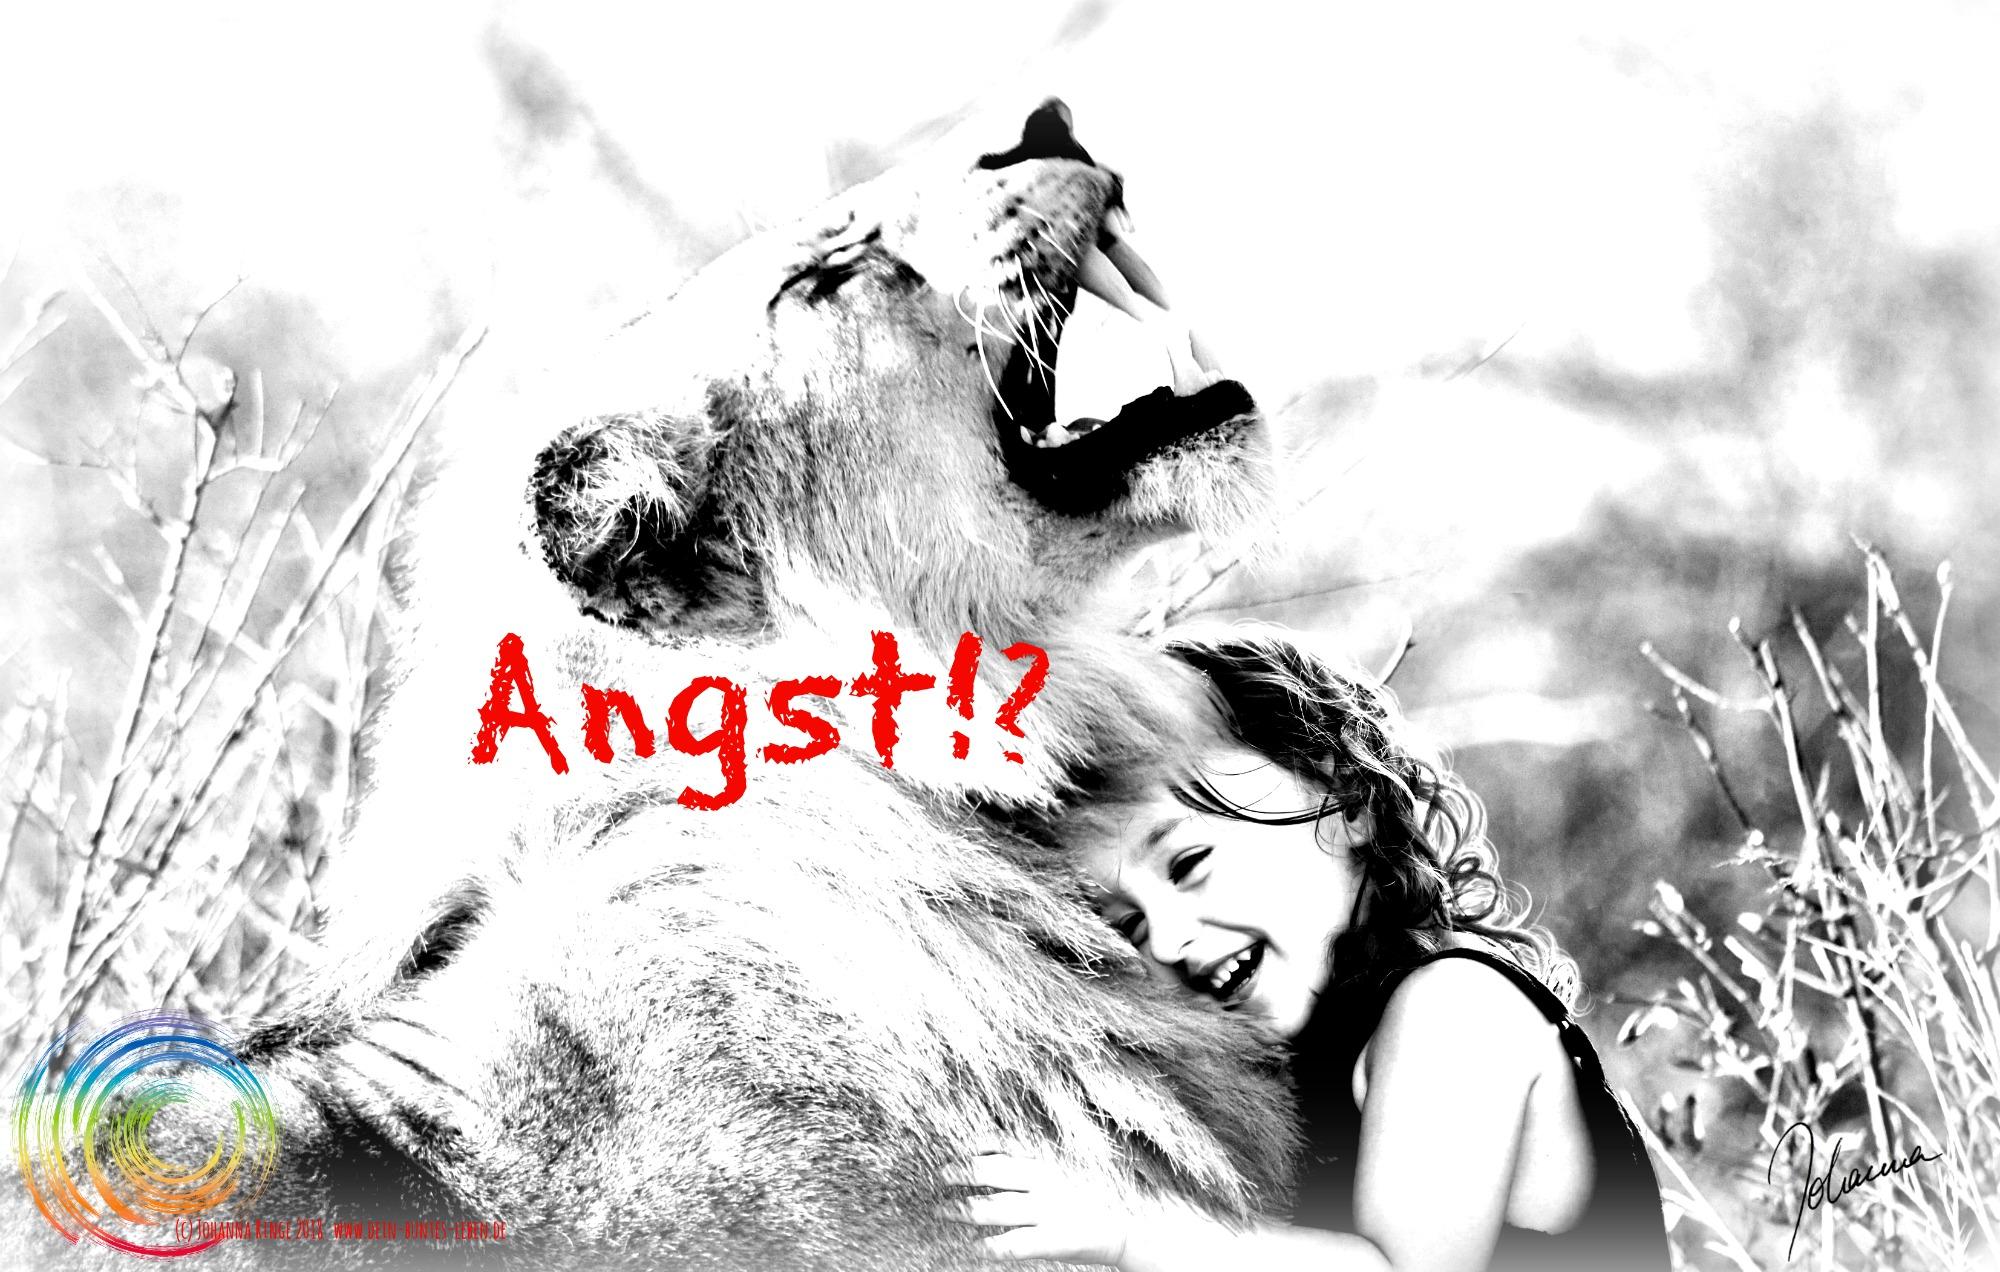 Schriftzug Angst über einem Foto von kleinem Mädchen, das sich lachend an einen Löwen kuschelt. (c) 2018 Johanna Ringe www.dein-buntes-leben.de